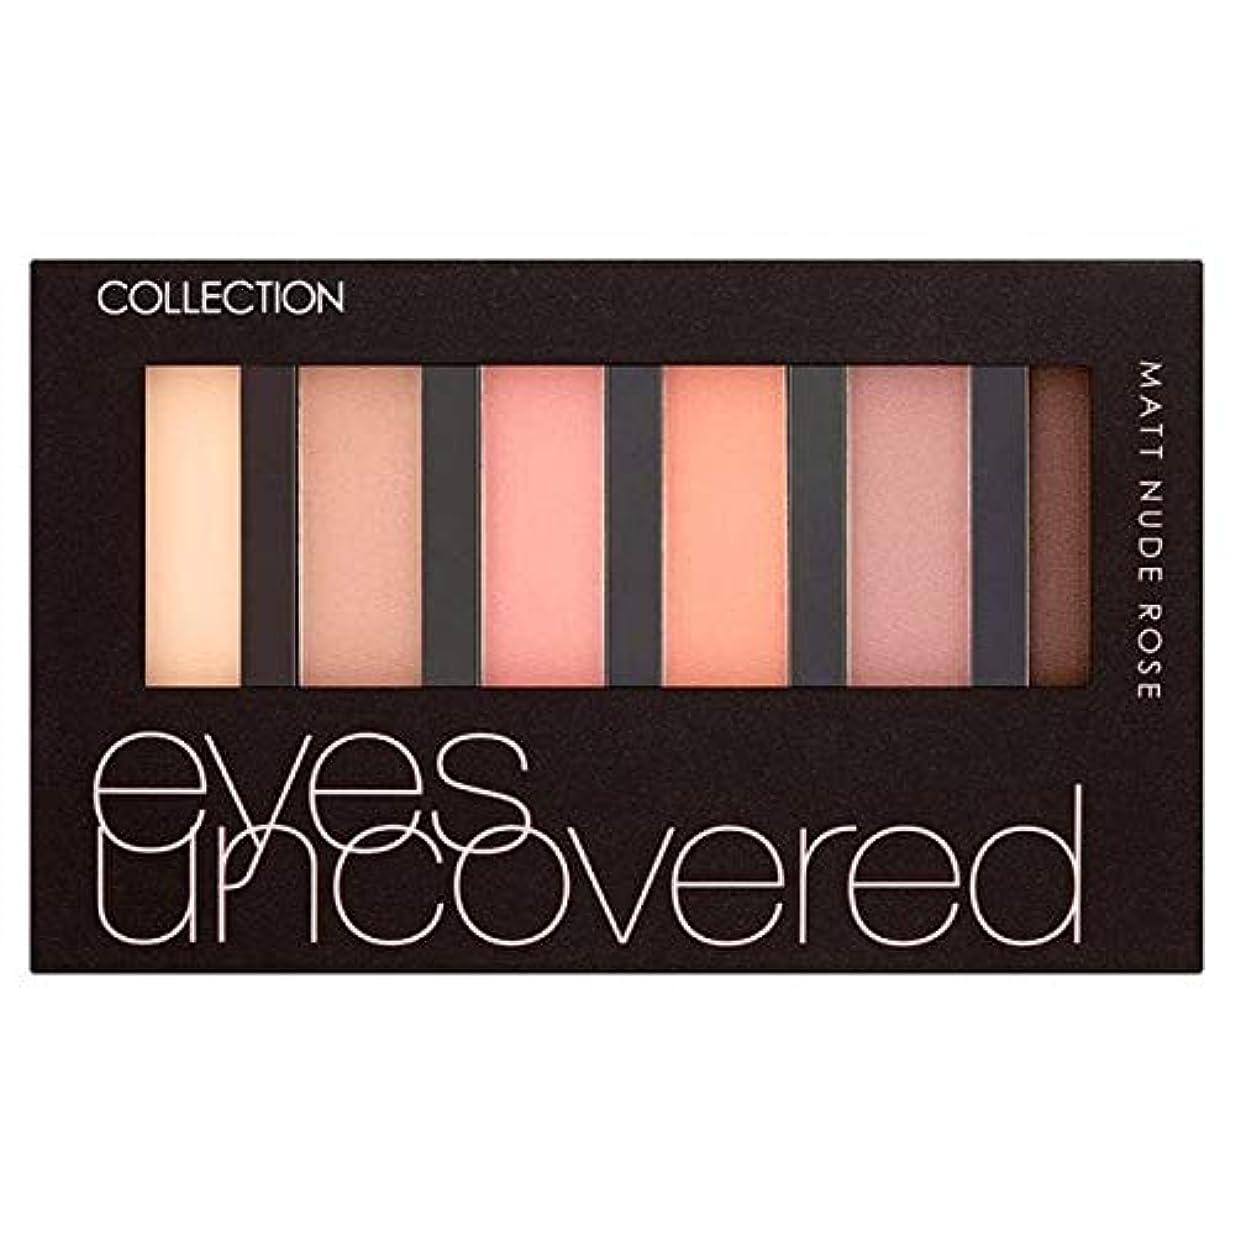 思い出させるコンベンションアクセスできない[Collection ] アイシャドウパレットを発見し、収集の目はヌードマットローズ - Collection Eyes Uncovered Eye Shadow Palette Rose Matte Nude [並行輸入品]